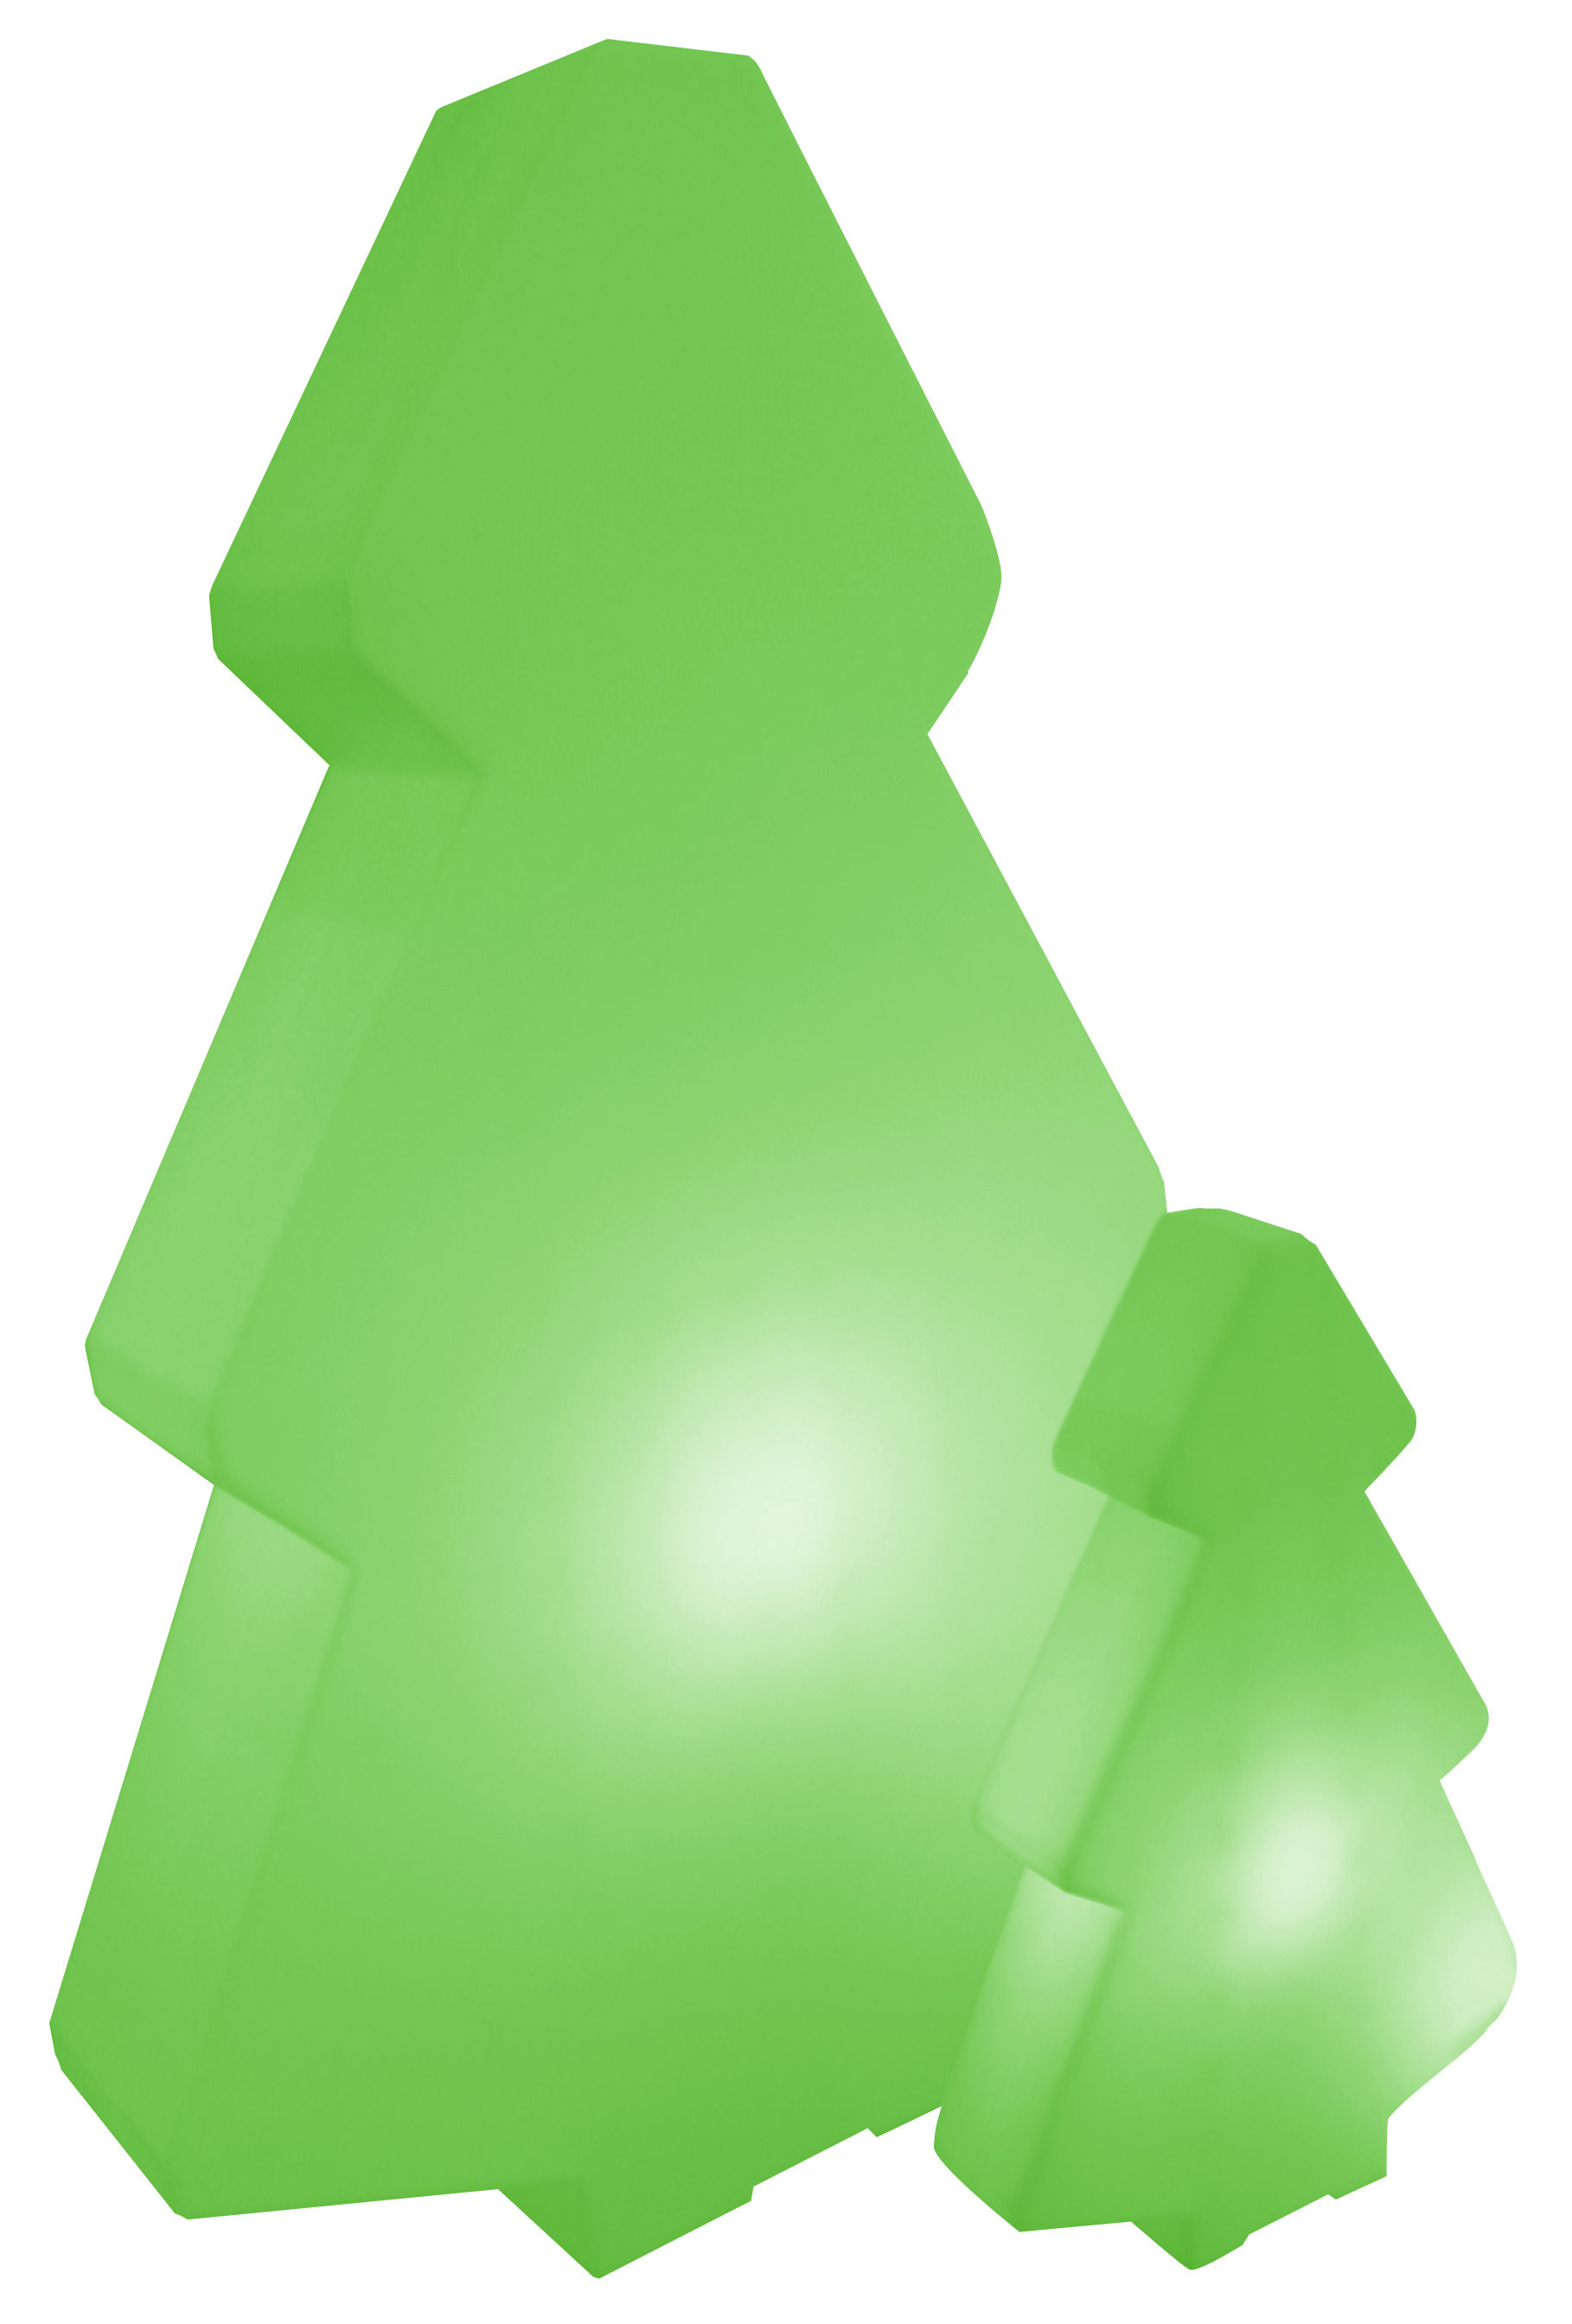 Mobilier - Mobilier lumineux - Lampadaire Lightree Outdoor / H 100 cm - Pour l'extérieur - Slide - Vert - polyéthène recyclable